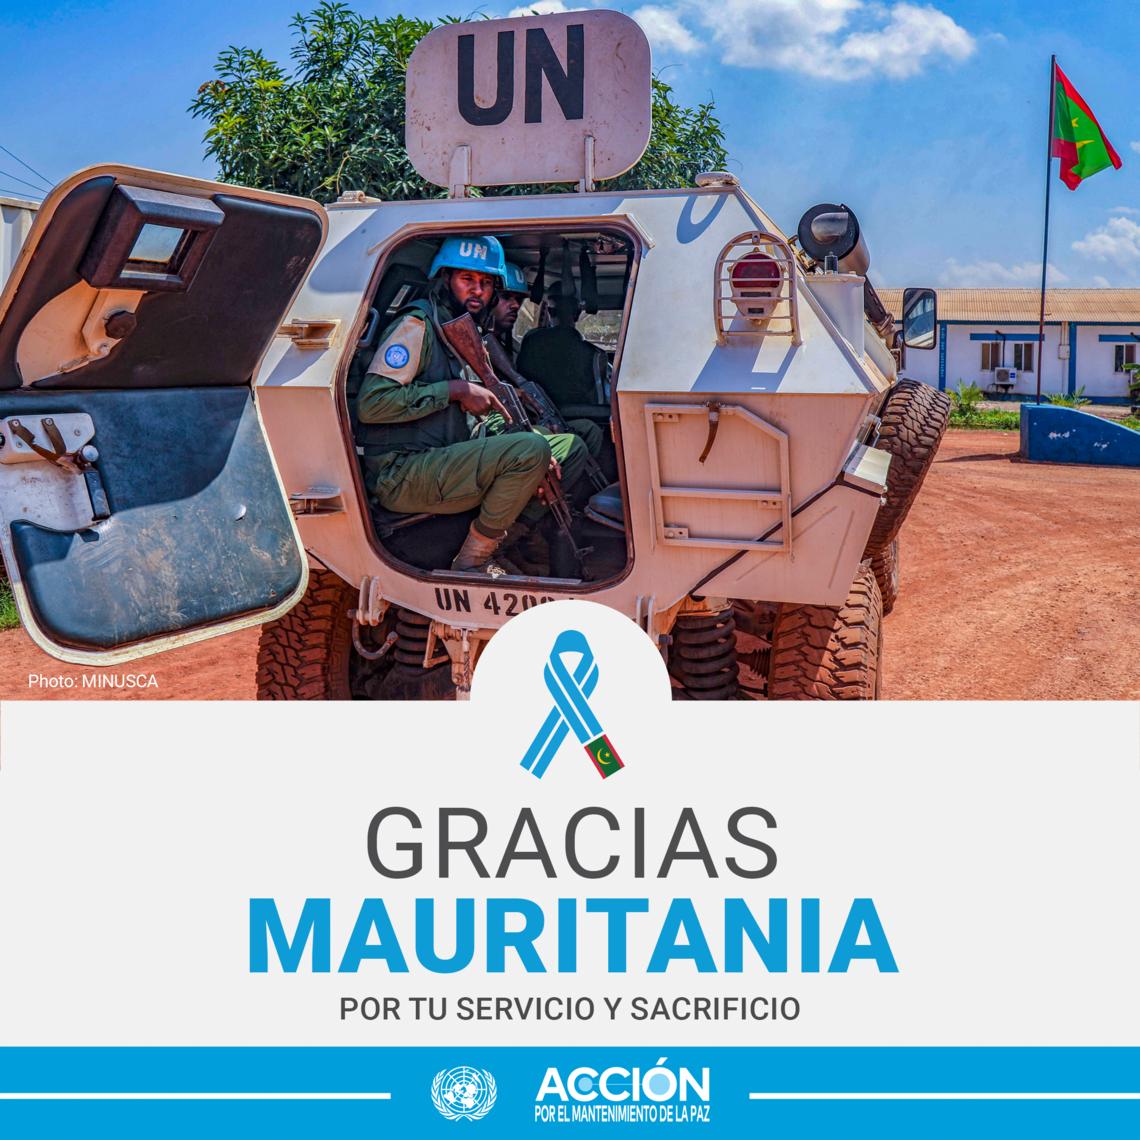 Tarjeta de tres cascos azules de Mauritania y el texto: Gracias, Mauritania, por tu servicio y sacrificio.